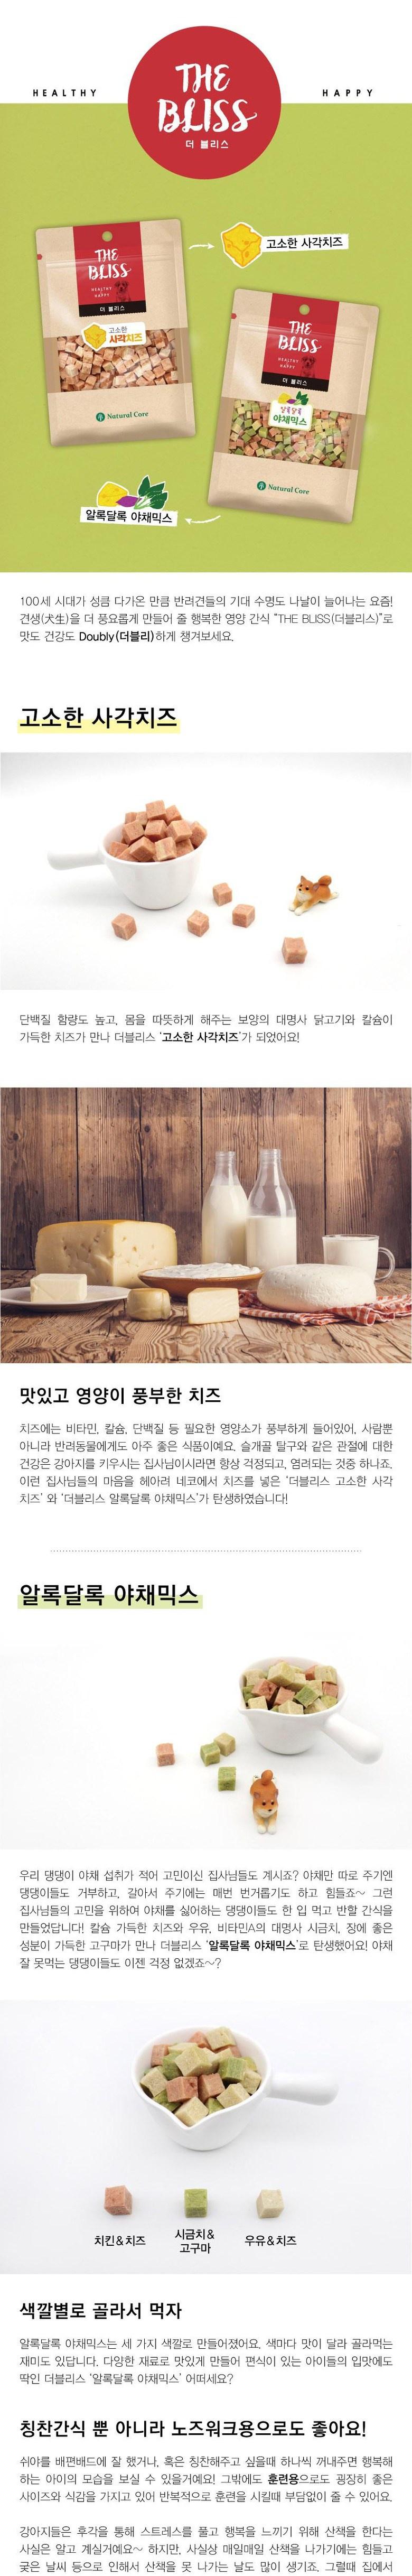 네츄럴코어 더블리스 고소한 사각치즈/알록달록 야채믹스 (200g)-상품이미지-0